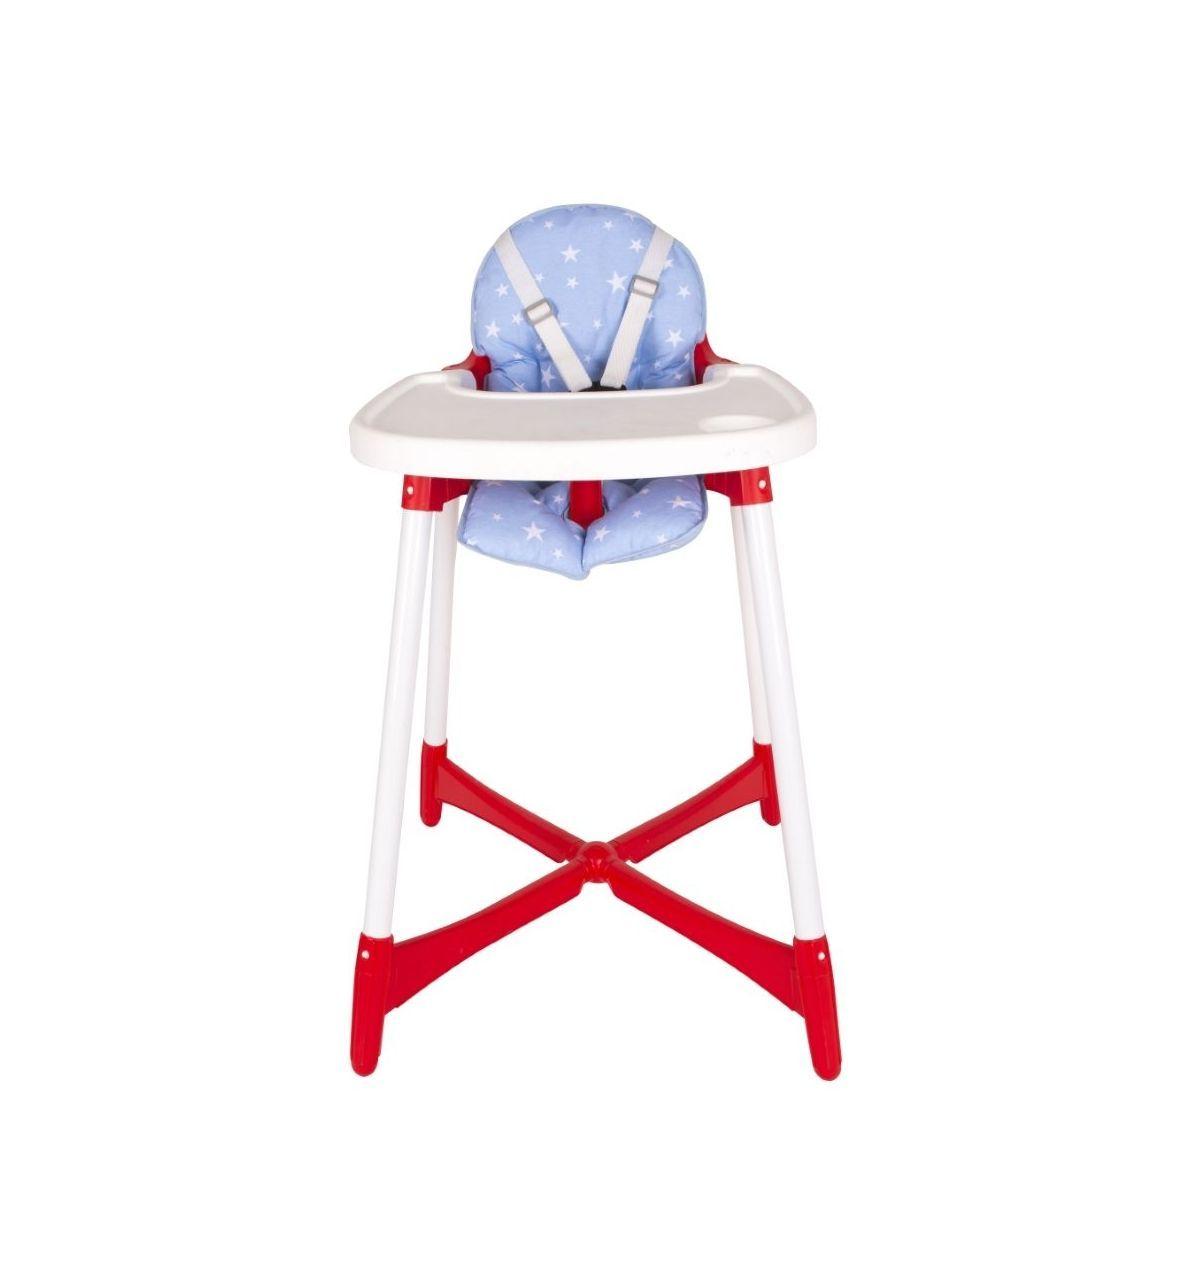 Sevi Bebe Mama Sandalyesi Minderi - Mavi Yıldız